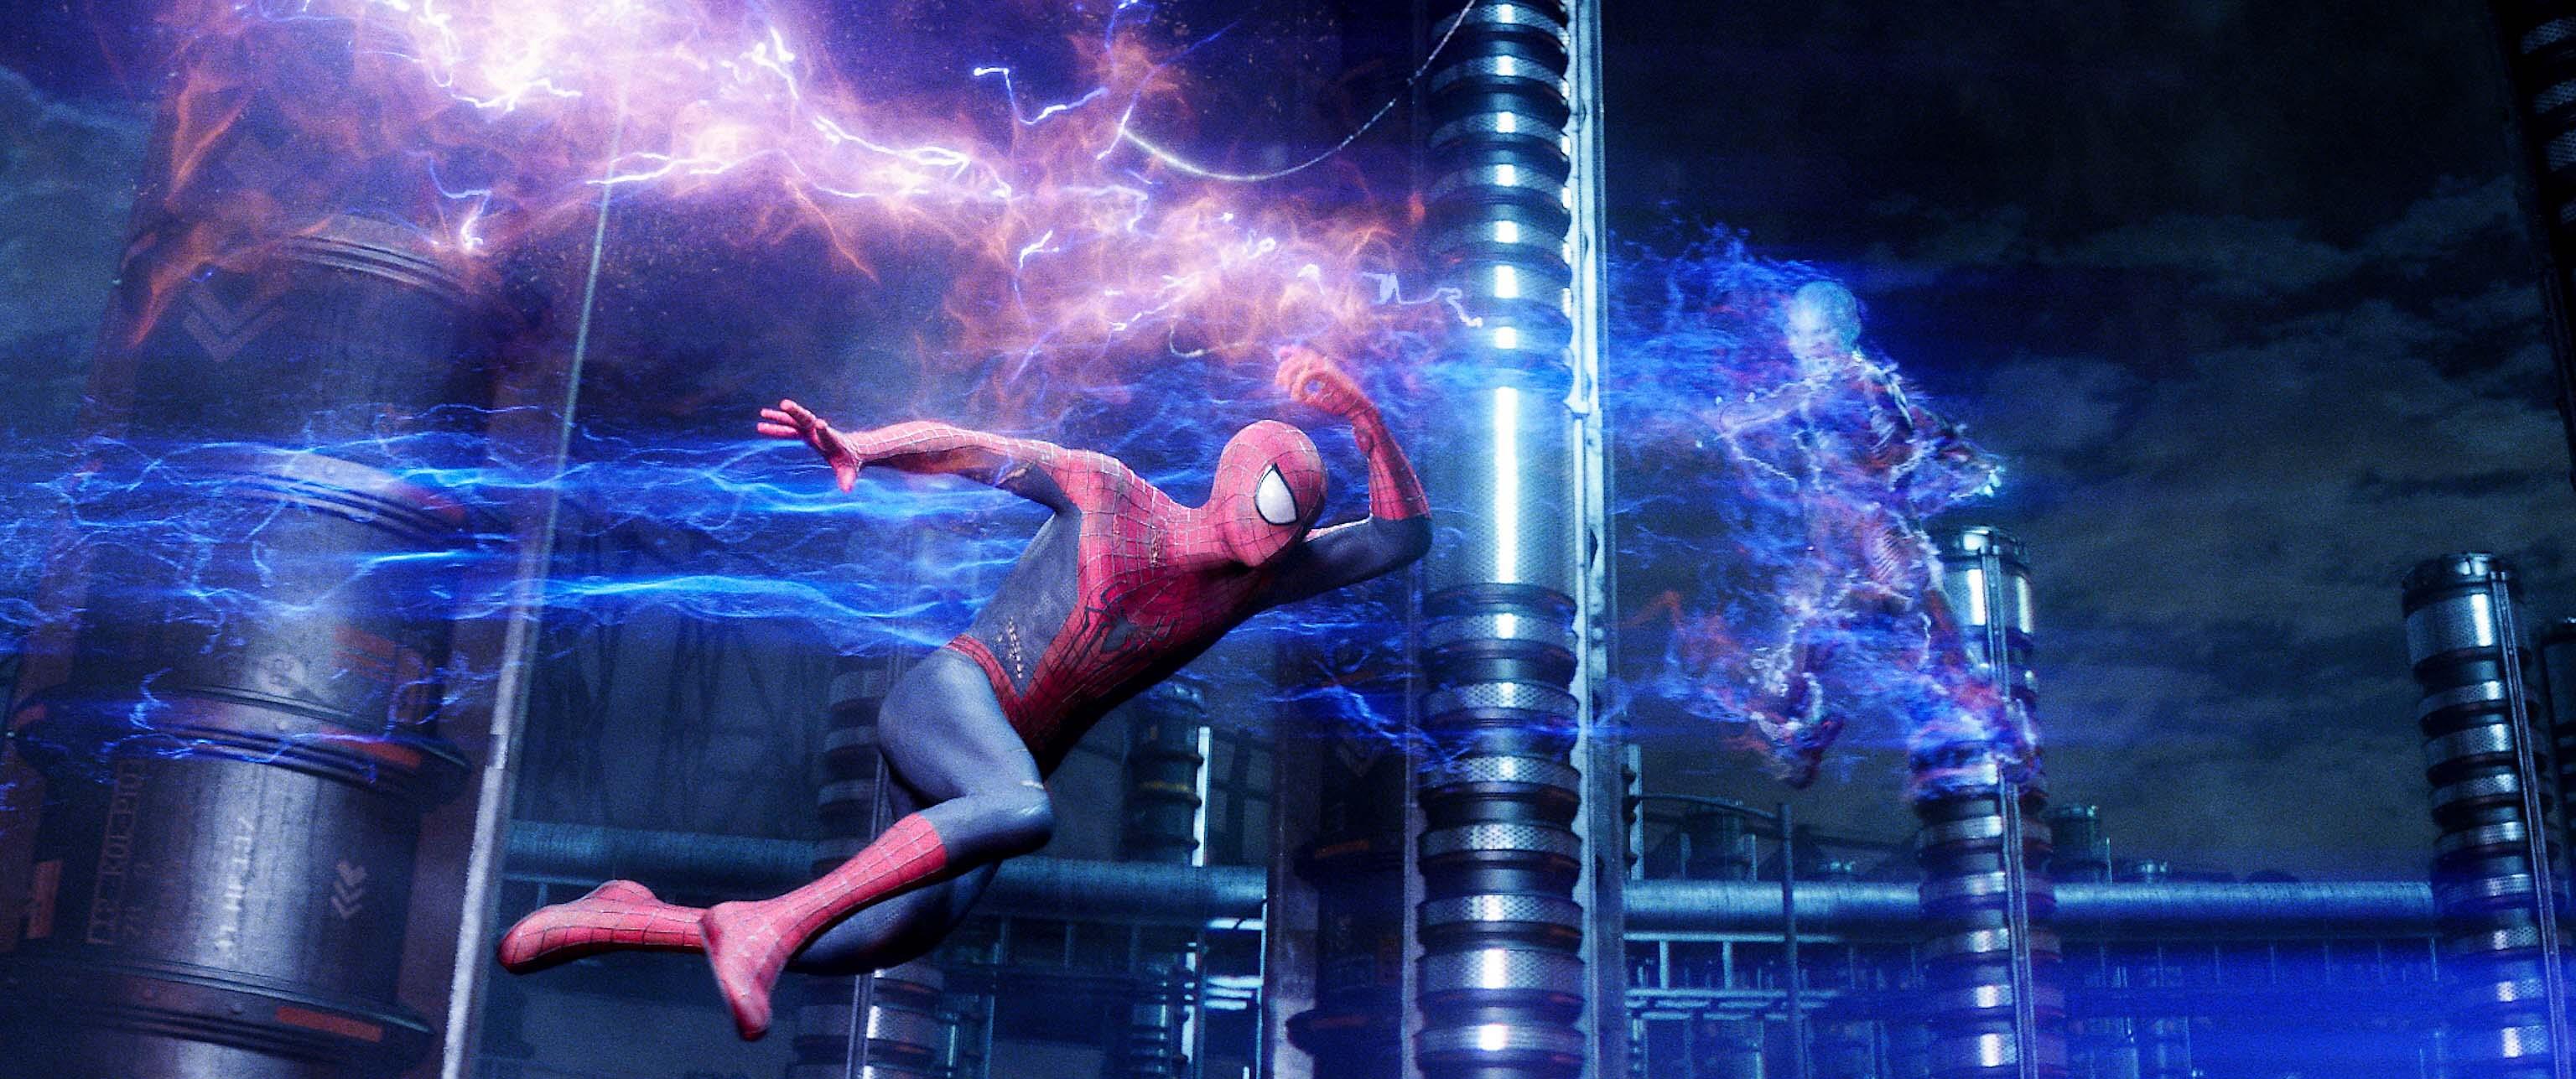 """Cena de """"O espetacular Homem-Aranha 2 - a ameça de Electro"""", filme que arrecadou menos do que o esperado pelo o estúdio"""